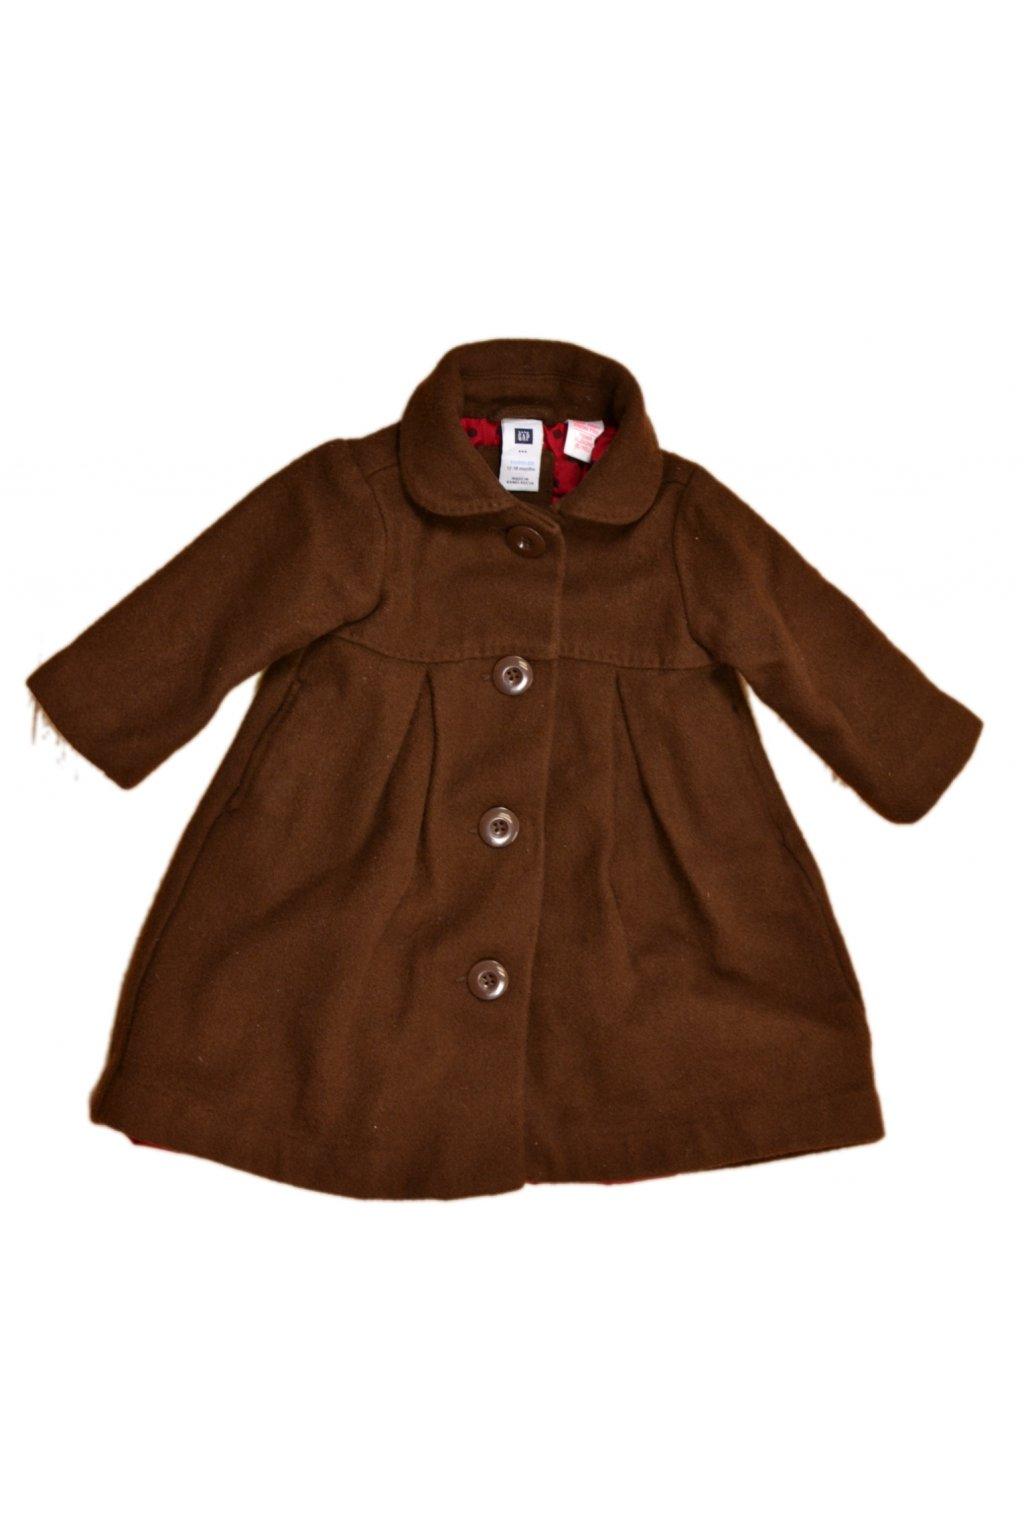 Kabát GAP hnědý 68-74 / 6-9 měs